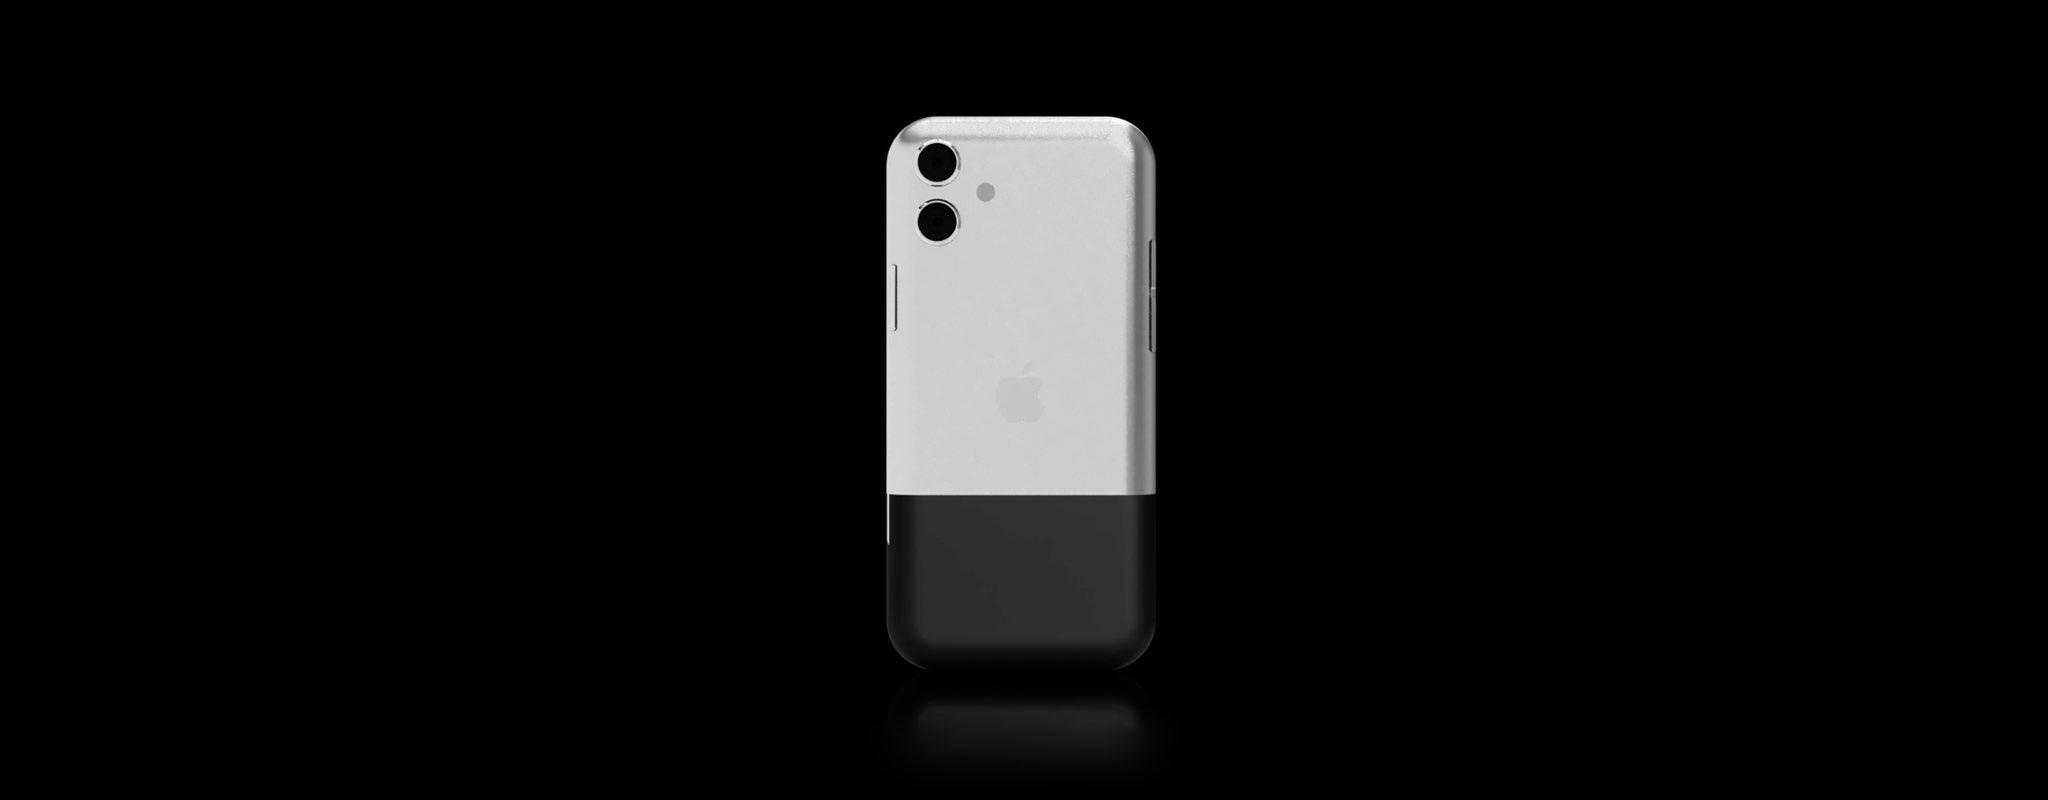 如果 iPhone 13 长这样,你会买吗?